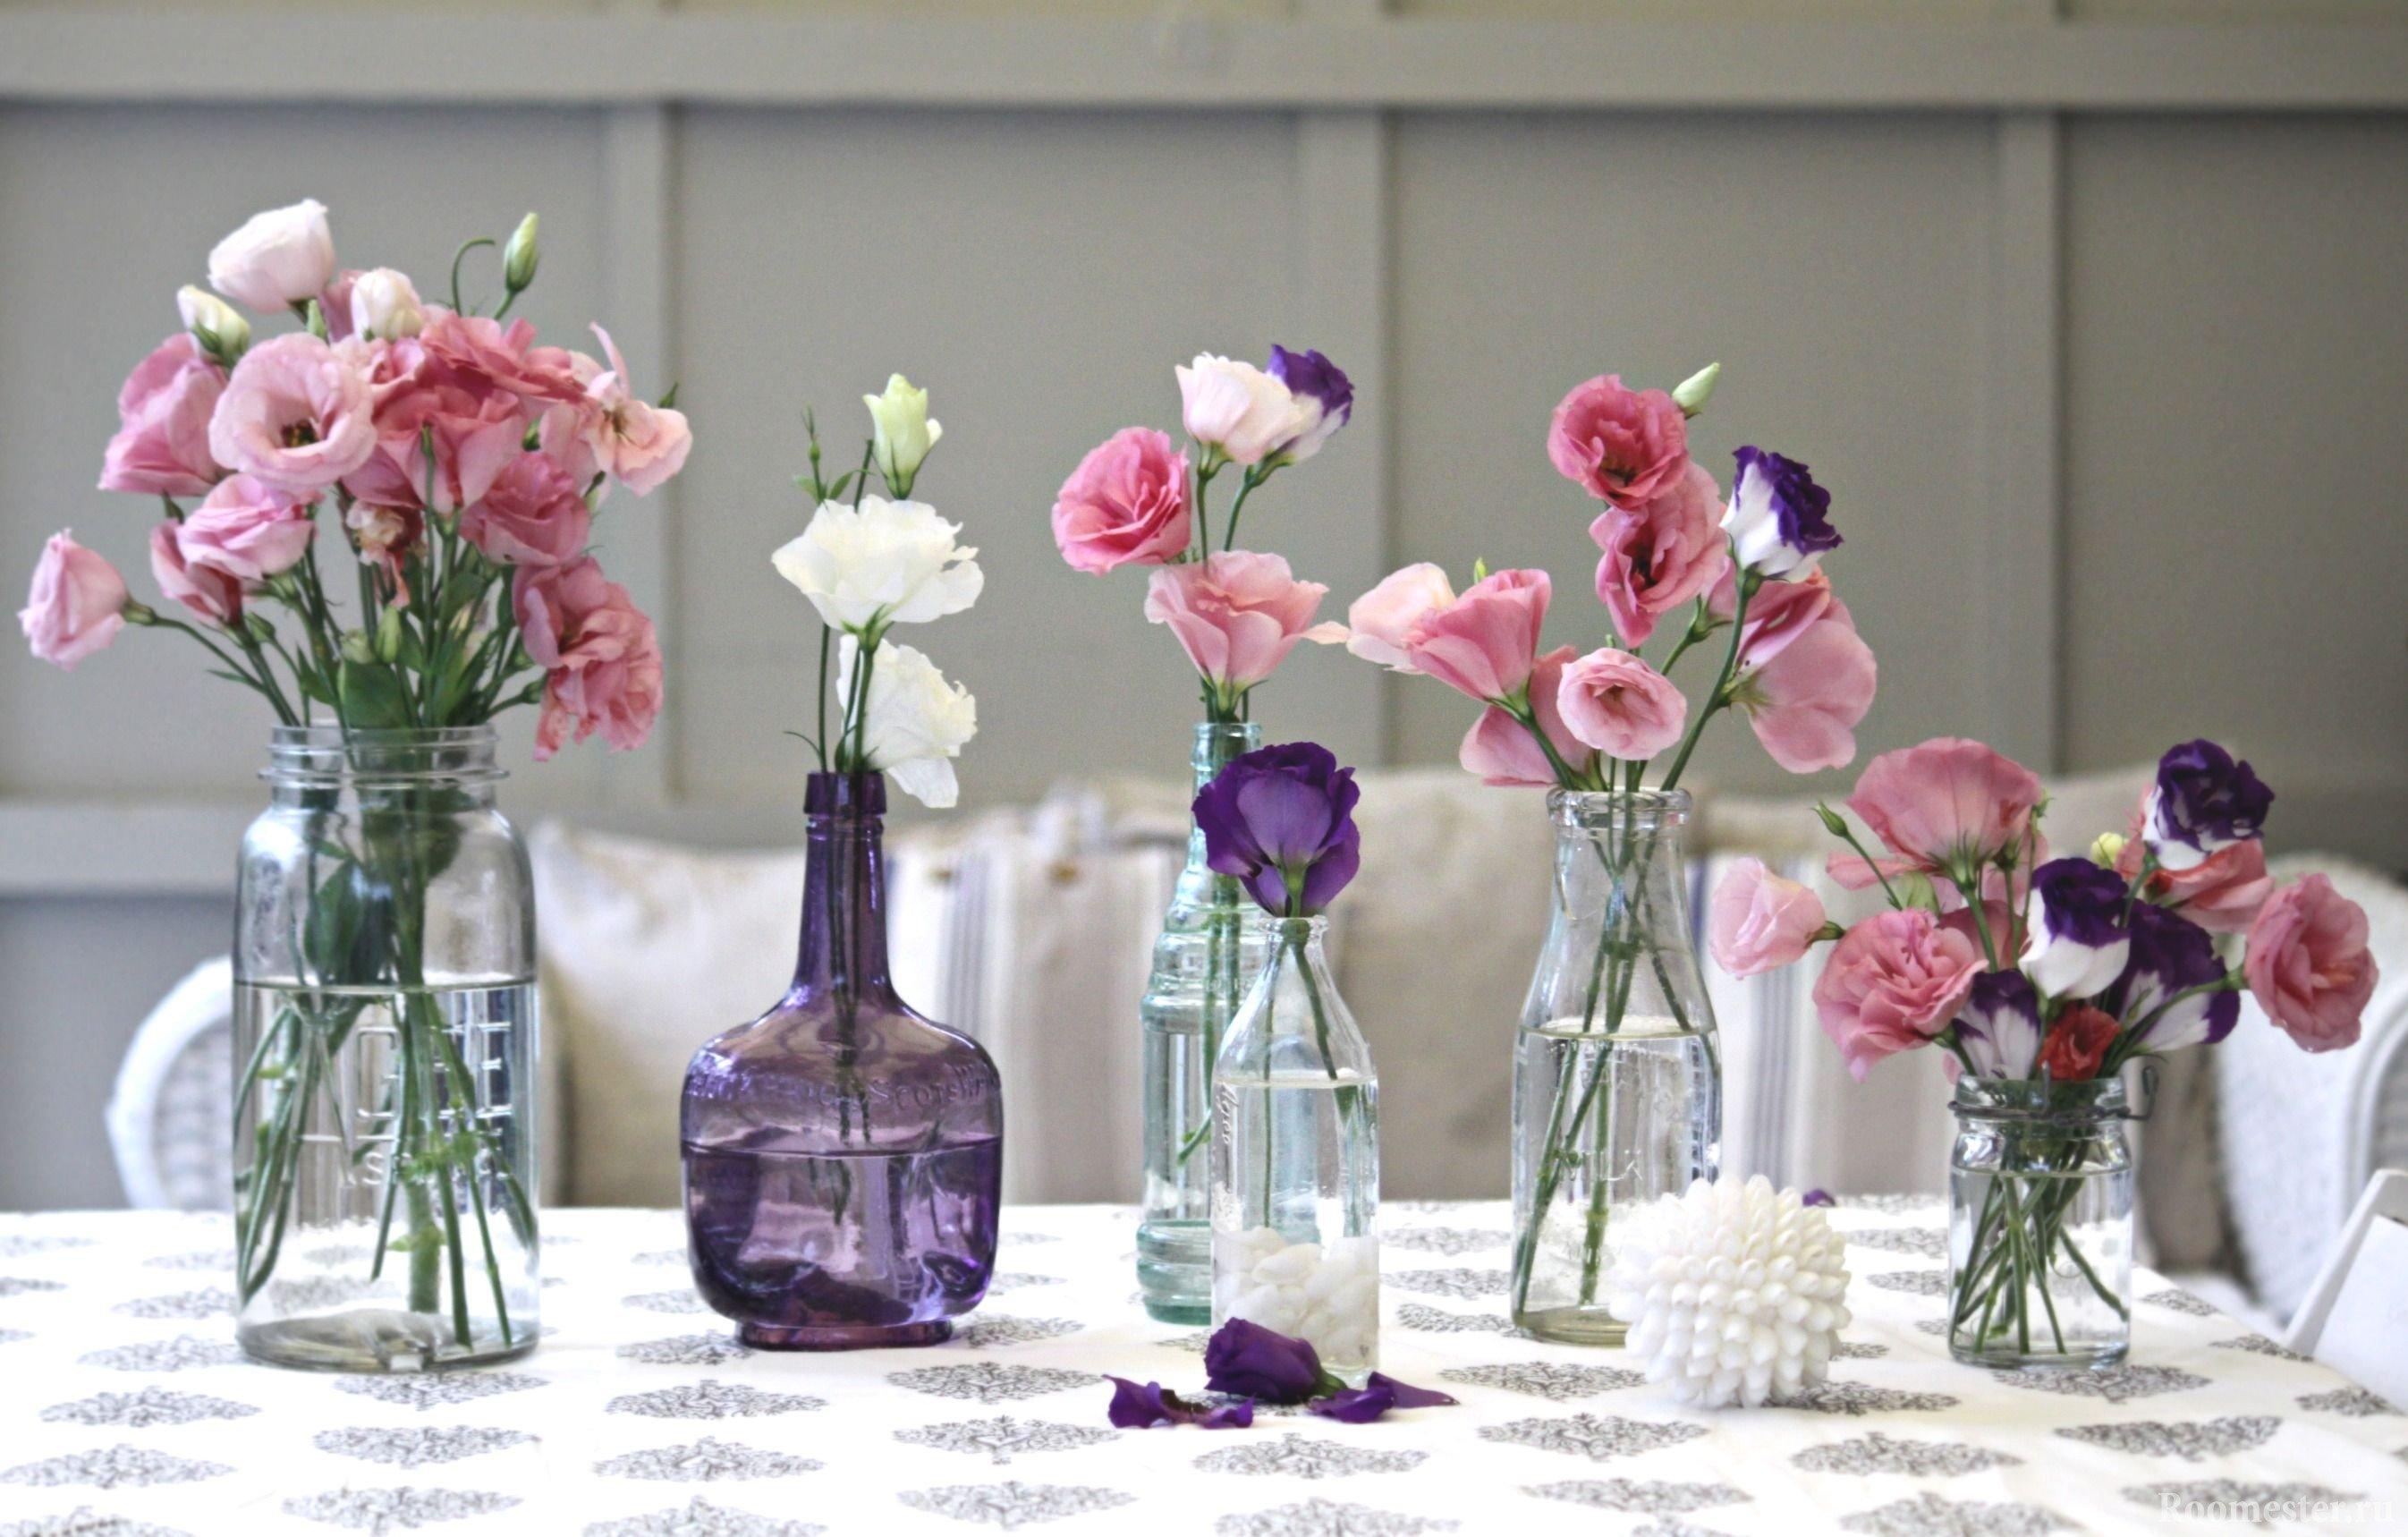 Идеальное украшение интерьера весной цветами